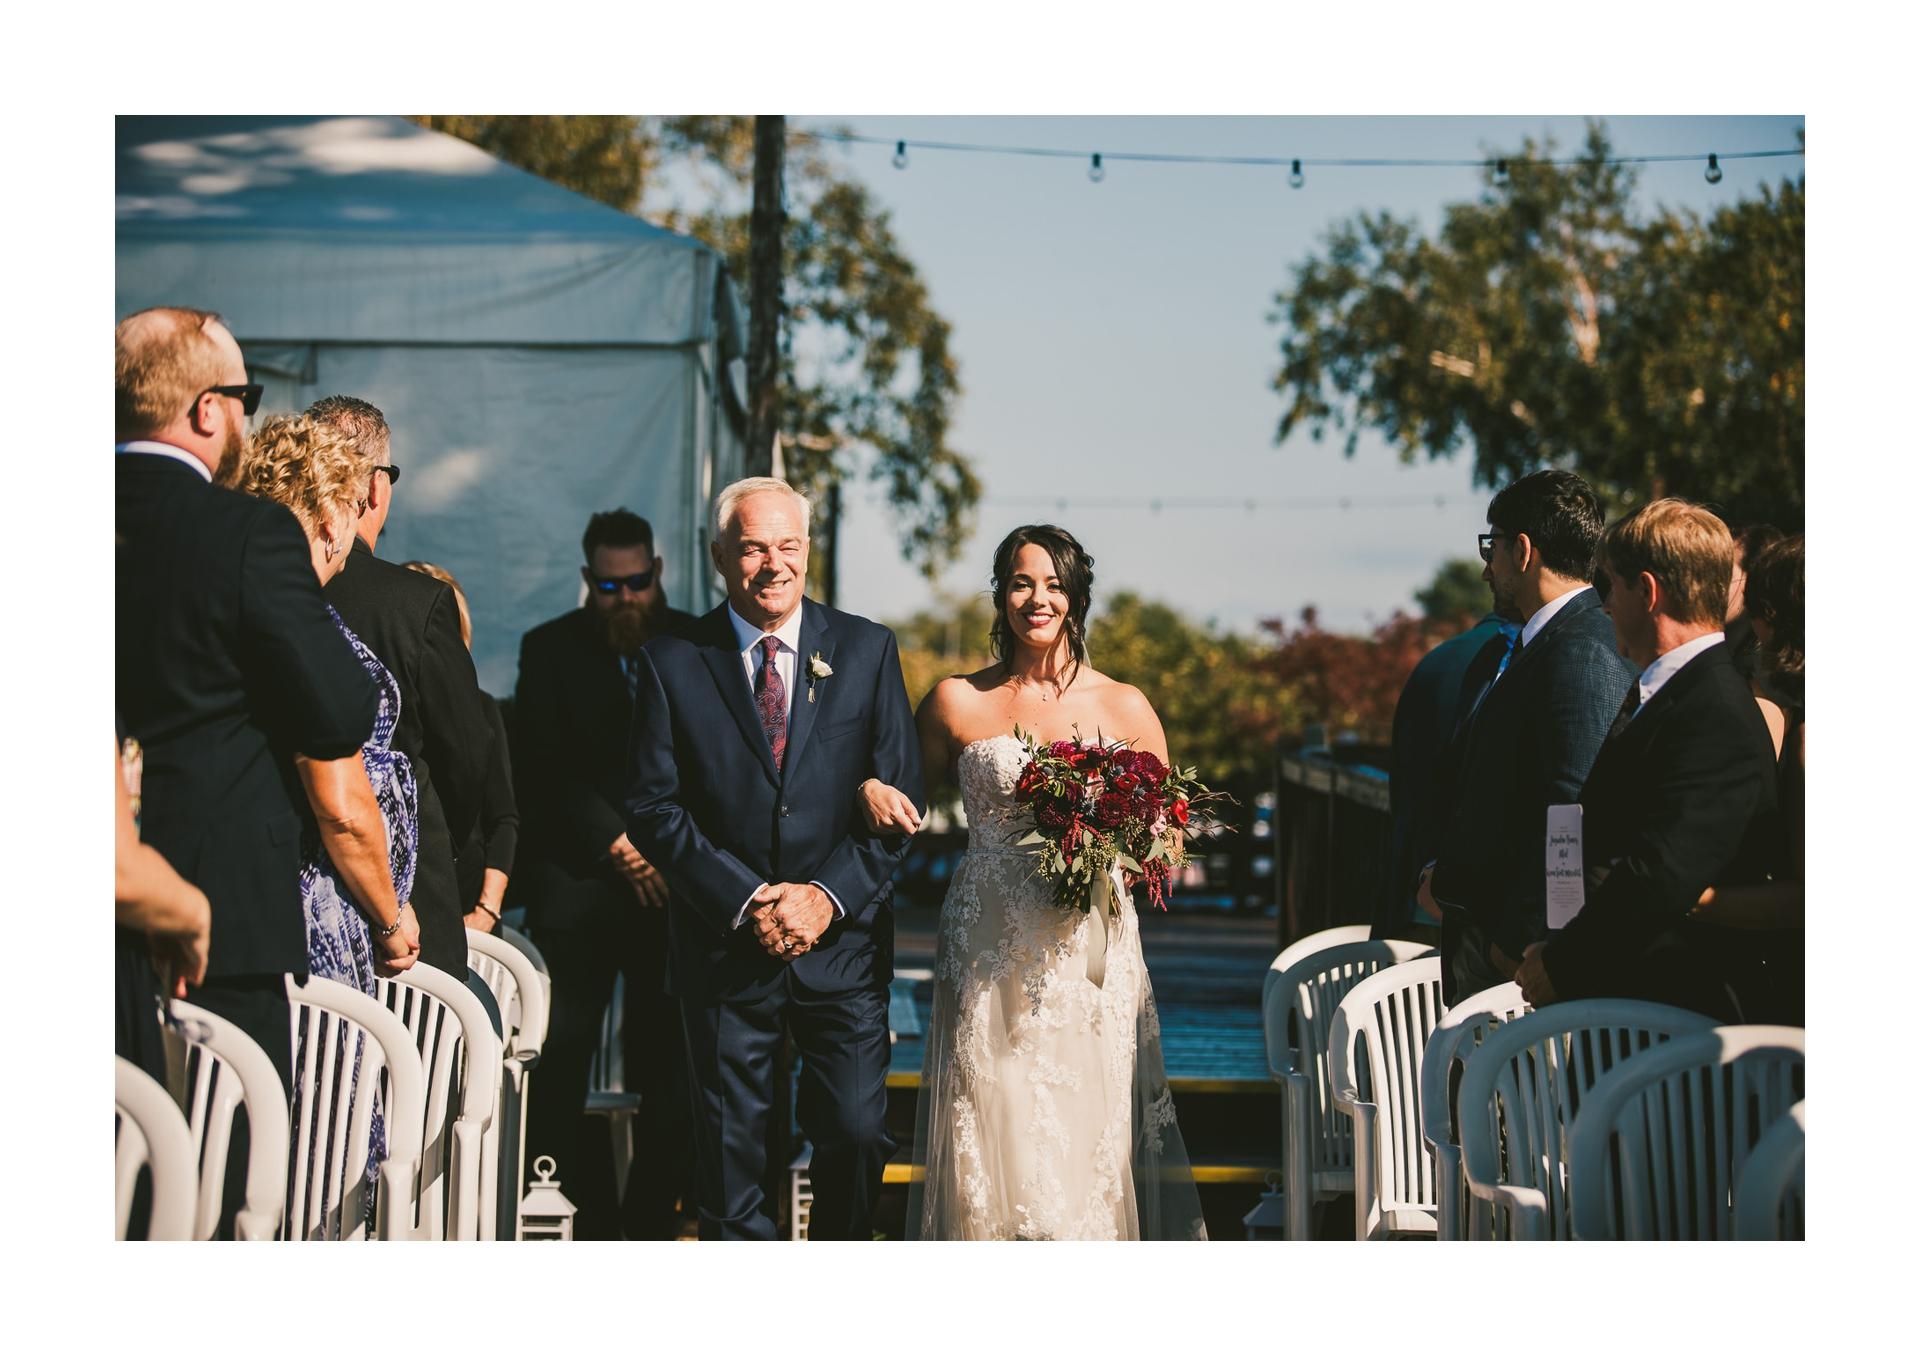 Catawba Island Club Wedding Photographer in Port Clinton 57.jpg